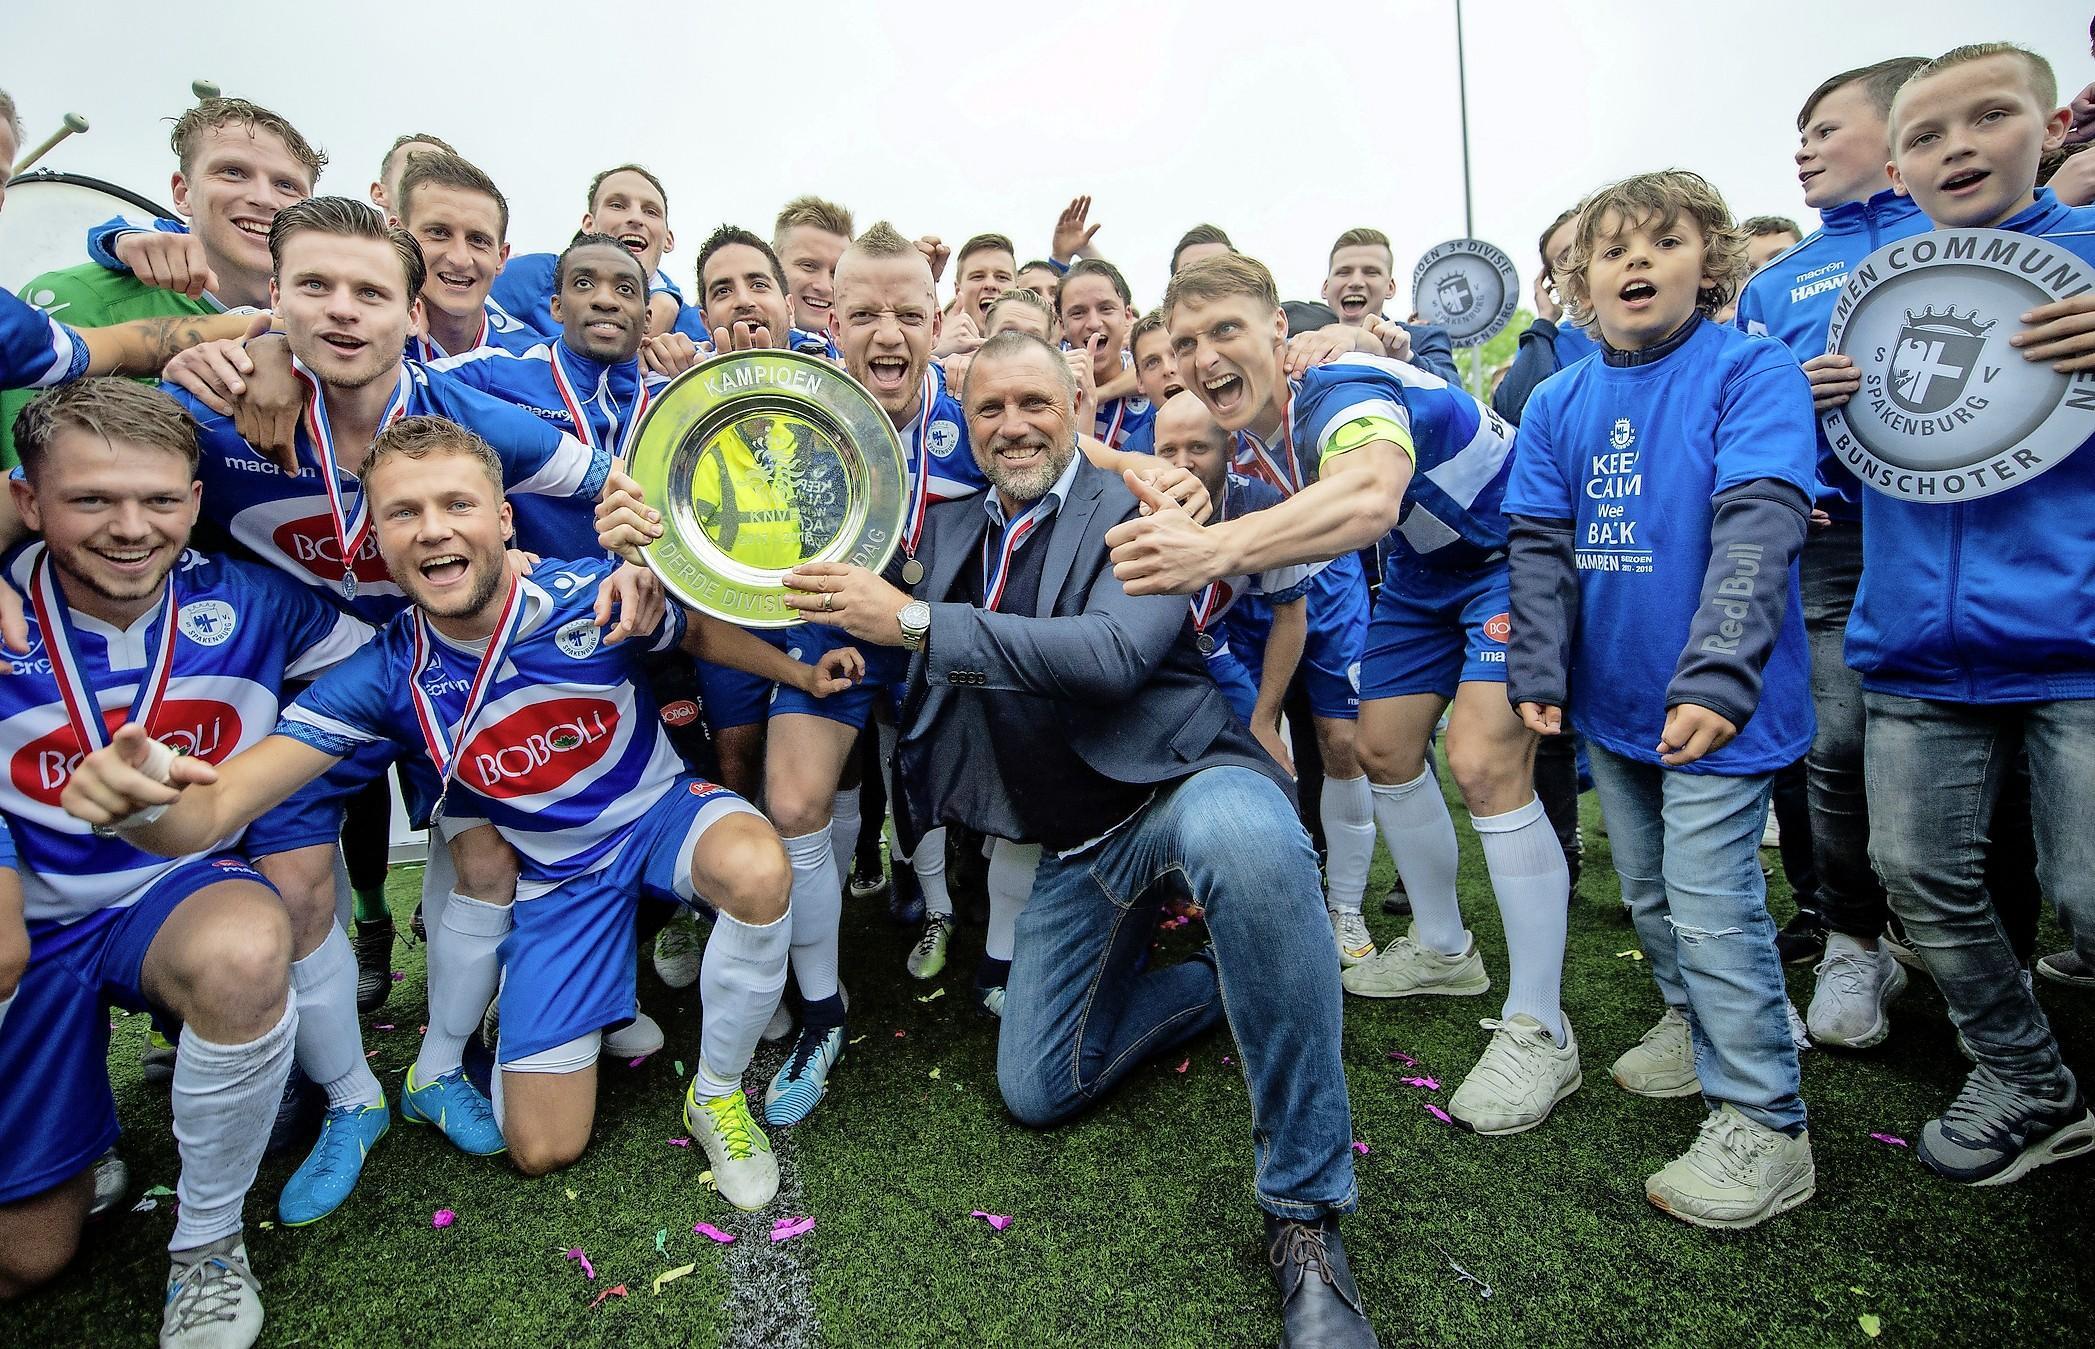 Spakenburg na één jaar terug in tweede divisie